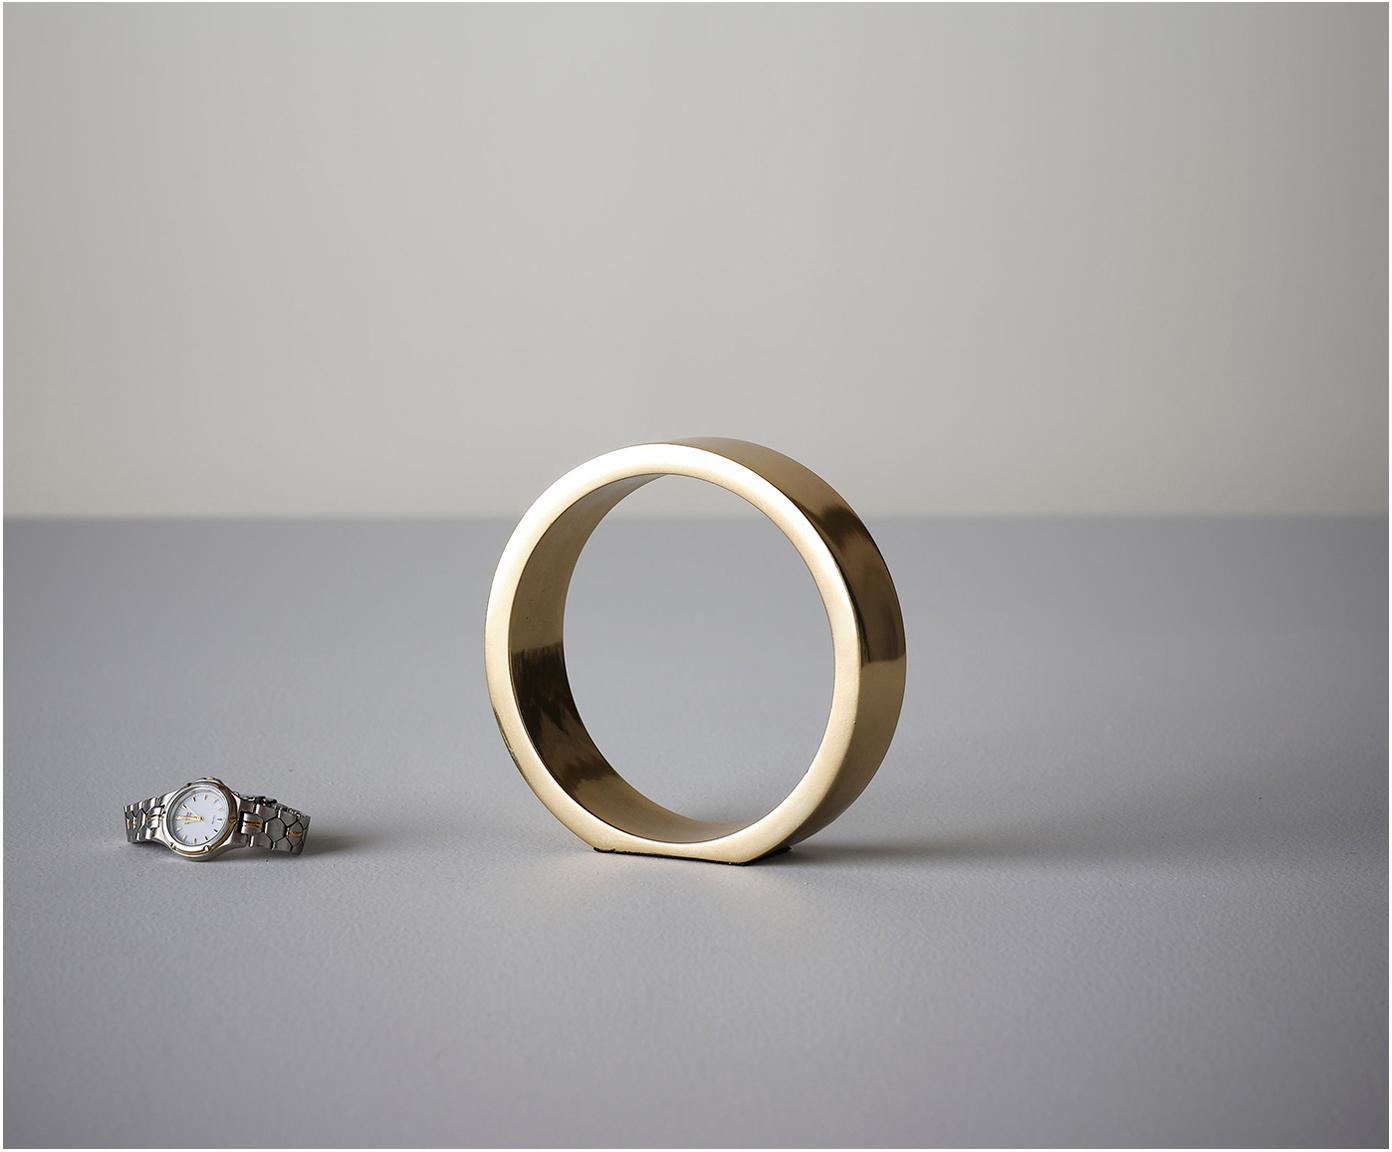 Decoratief object The Ring, Gecoat metaal, Goudkleurig, Ø 14 x H 14 cm